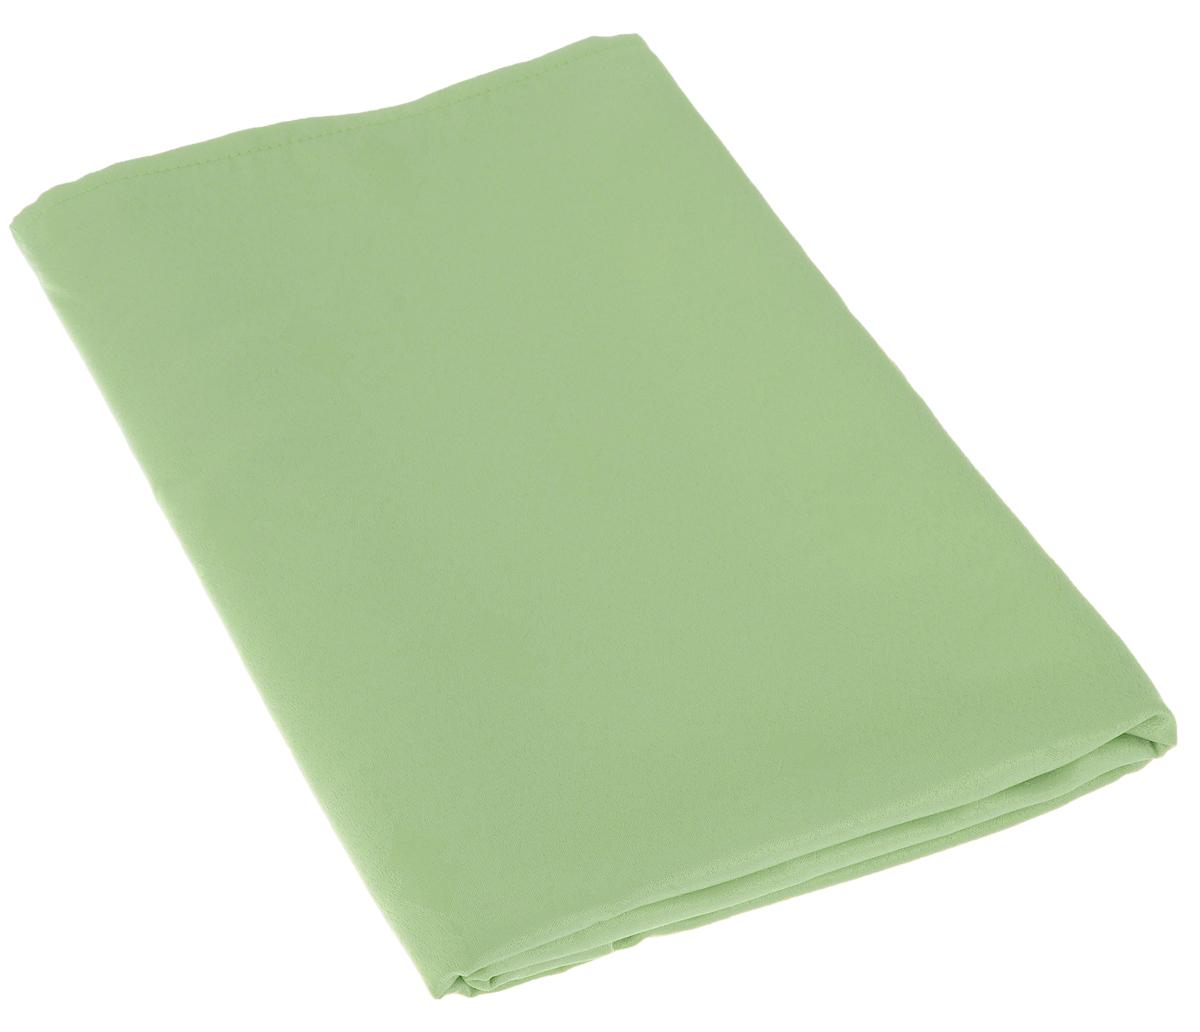 Скатерть Schaefer, прямоугольная, цвет: светло-зеленый, 160 х 220 см. 07509-408VT-1520(SR)Изящная прямоугольная скатерть Schaefer, выполненная из плотного полиэстера, станет украшением кухонного стола. Изделие декорировано красивым узором в виде ромбов.За текстилем из полиэстера очень легко ухаживать: он не мнется, не садится и быстро сохнет, легко стирается, более долговечен, чем текстиль из натуральных волокон.Использование такой скатерти сделает застолье торжественным, поднимет настроение гостей и приятно удивит их вашим изысканным вкусом. Также вы можете использовать эту скатерть для повседневной трапезы, превратив каждый прием пищи в волшебный праздник и веселье. Это текстильное изделие станет изысканным украшением вашего дома!